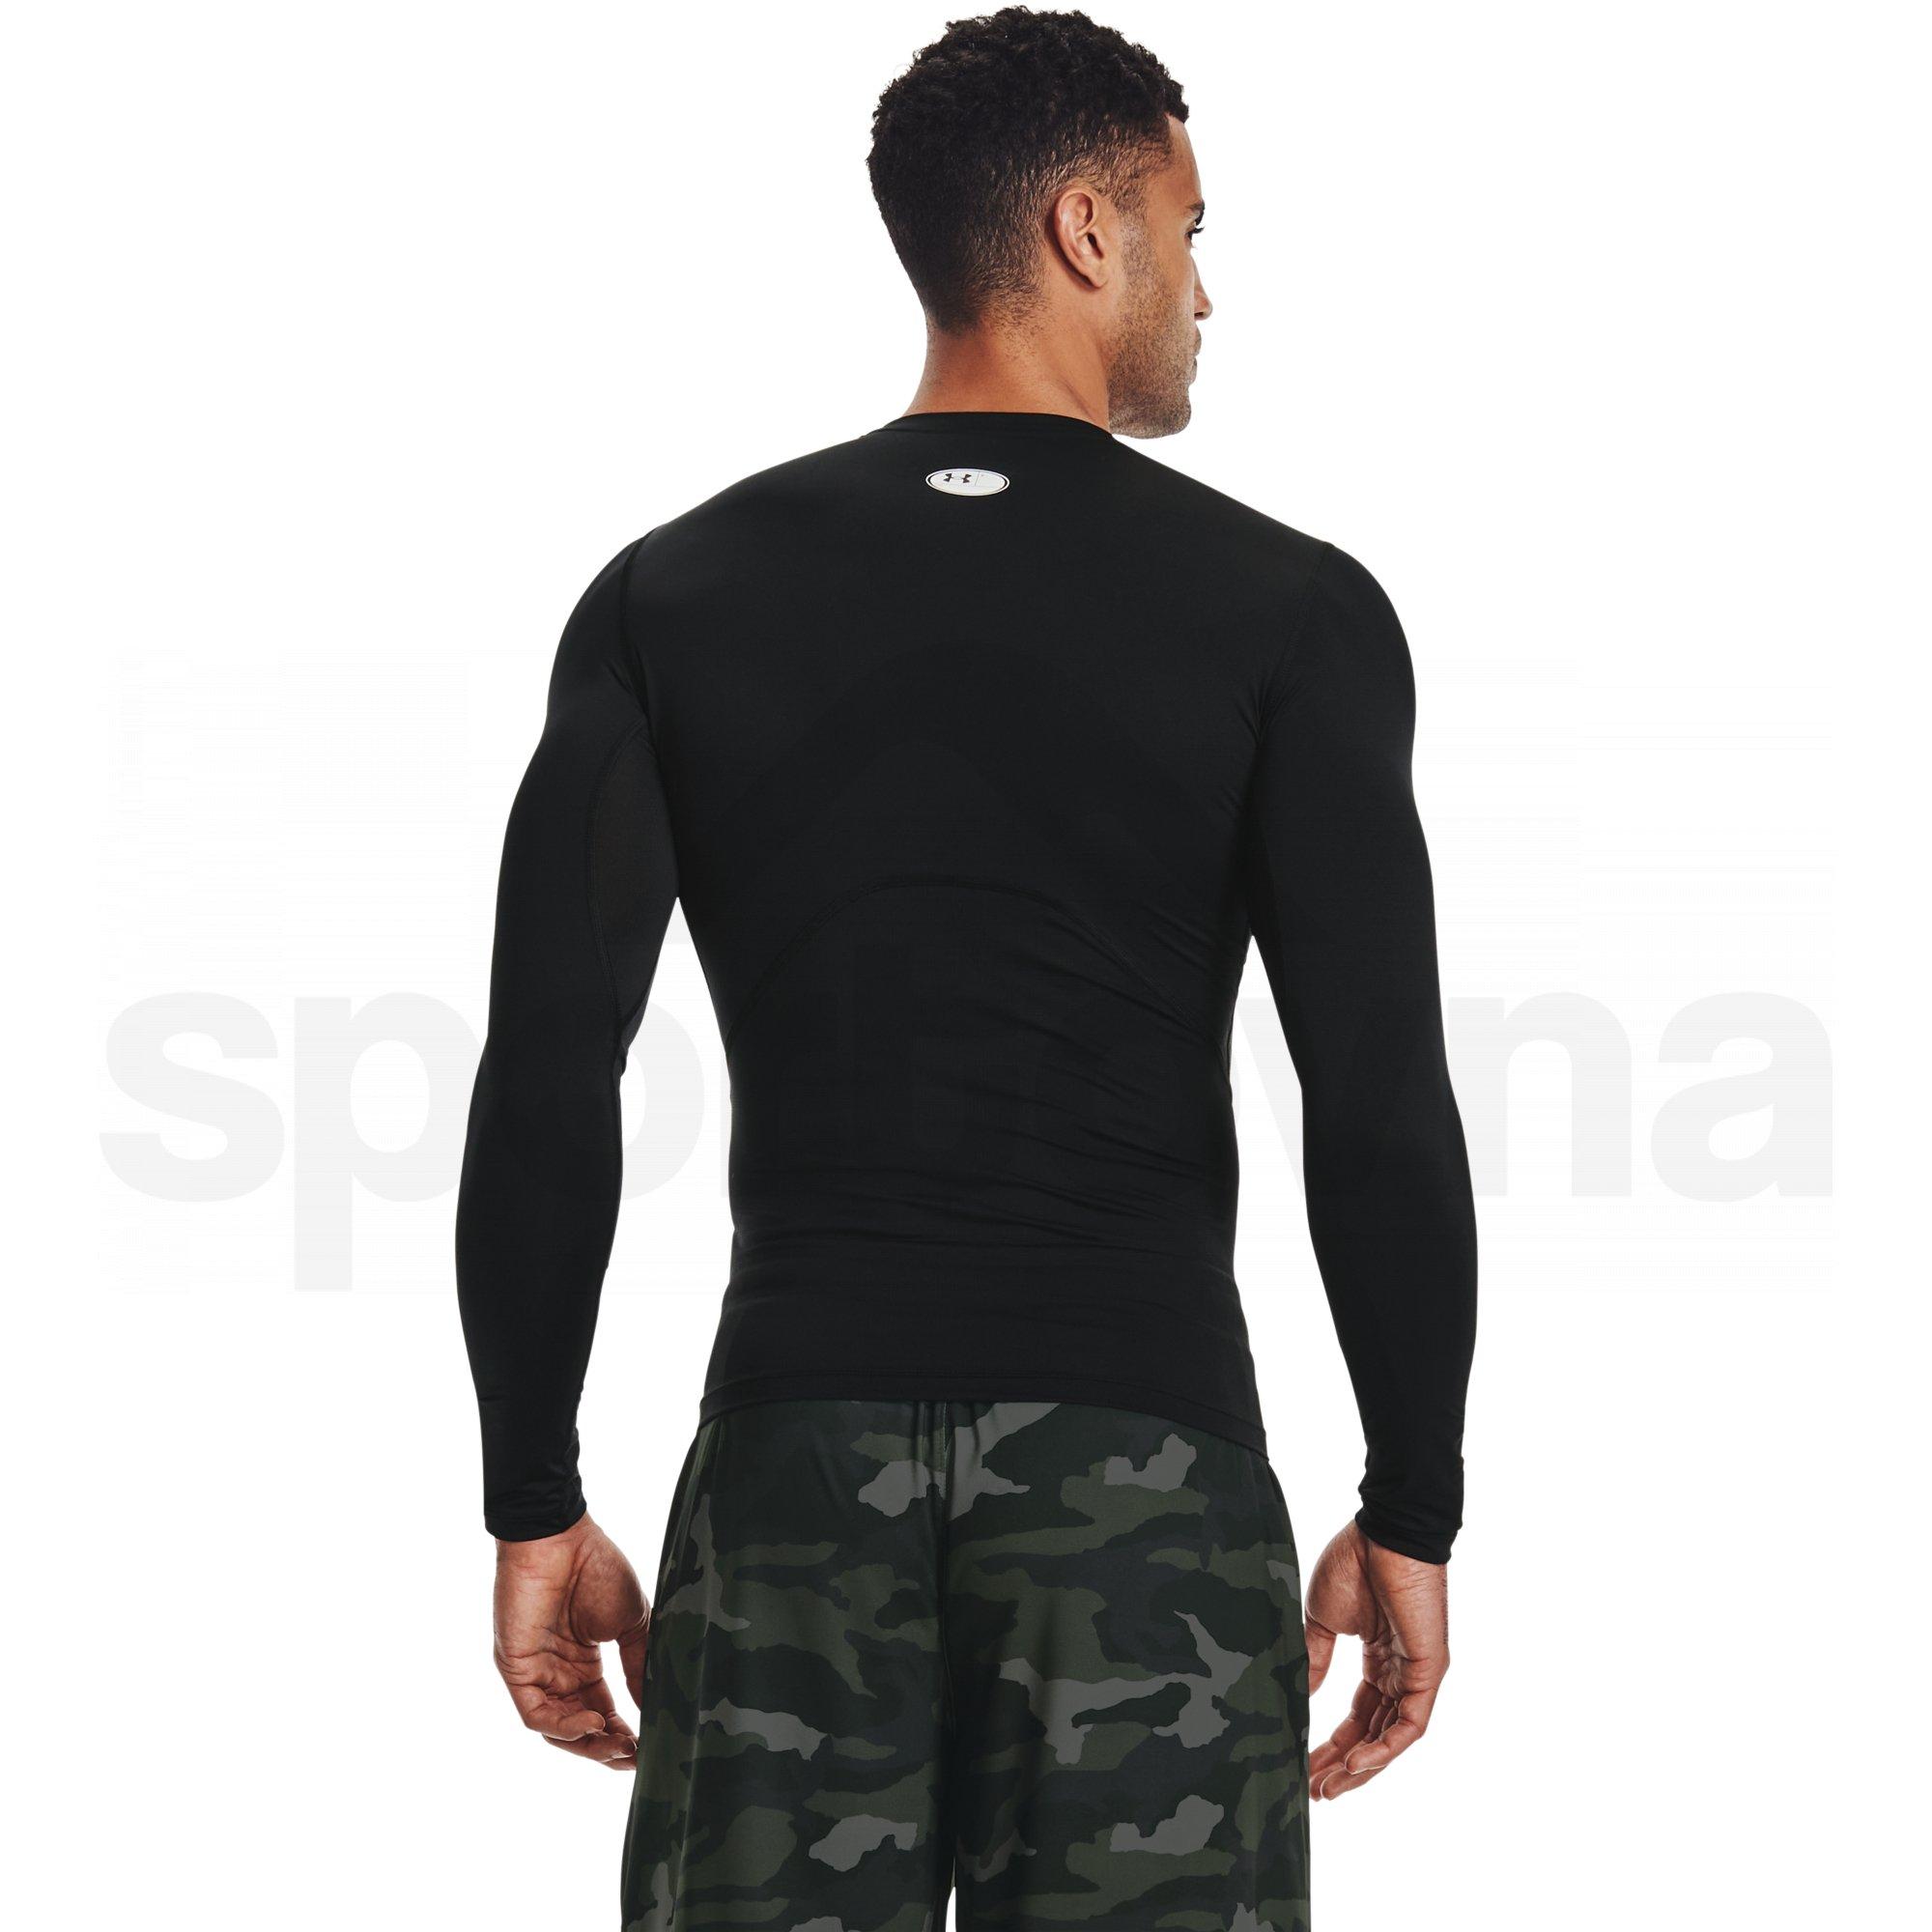 Tričko Under Armour HG Armour Comp LS M - černá